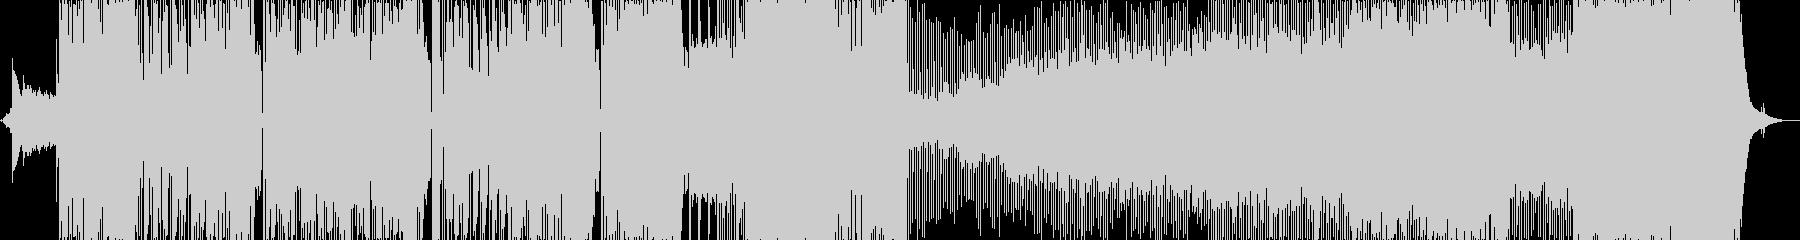 ポップ、男性ボーカル。レゲエ駆動の...の未再生の波形